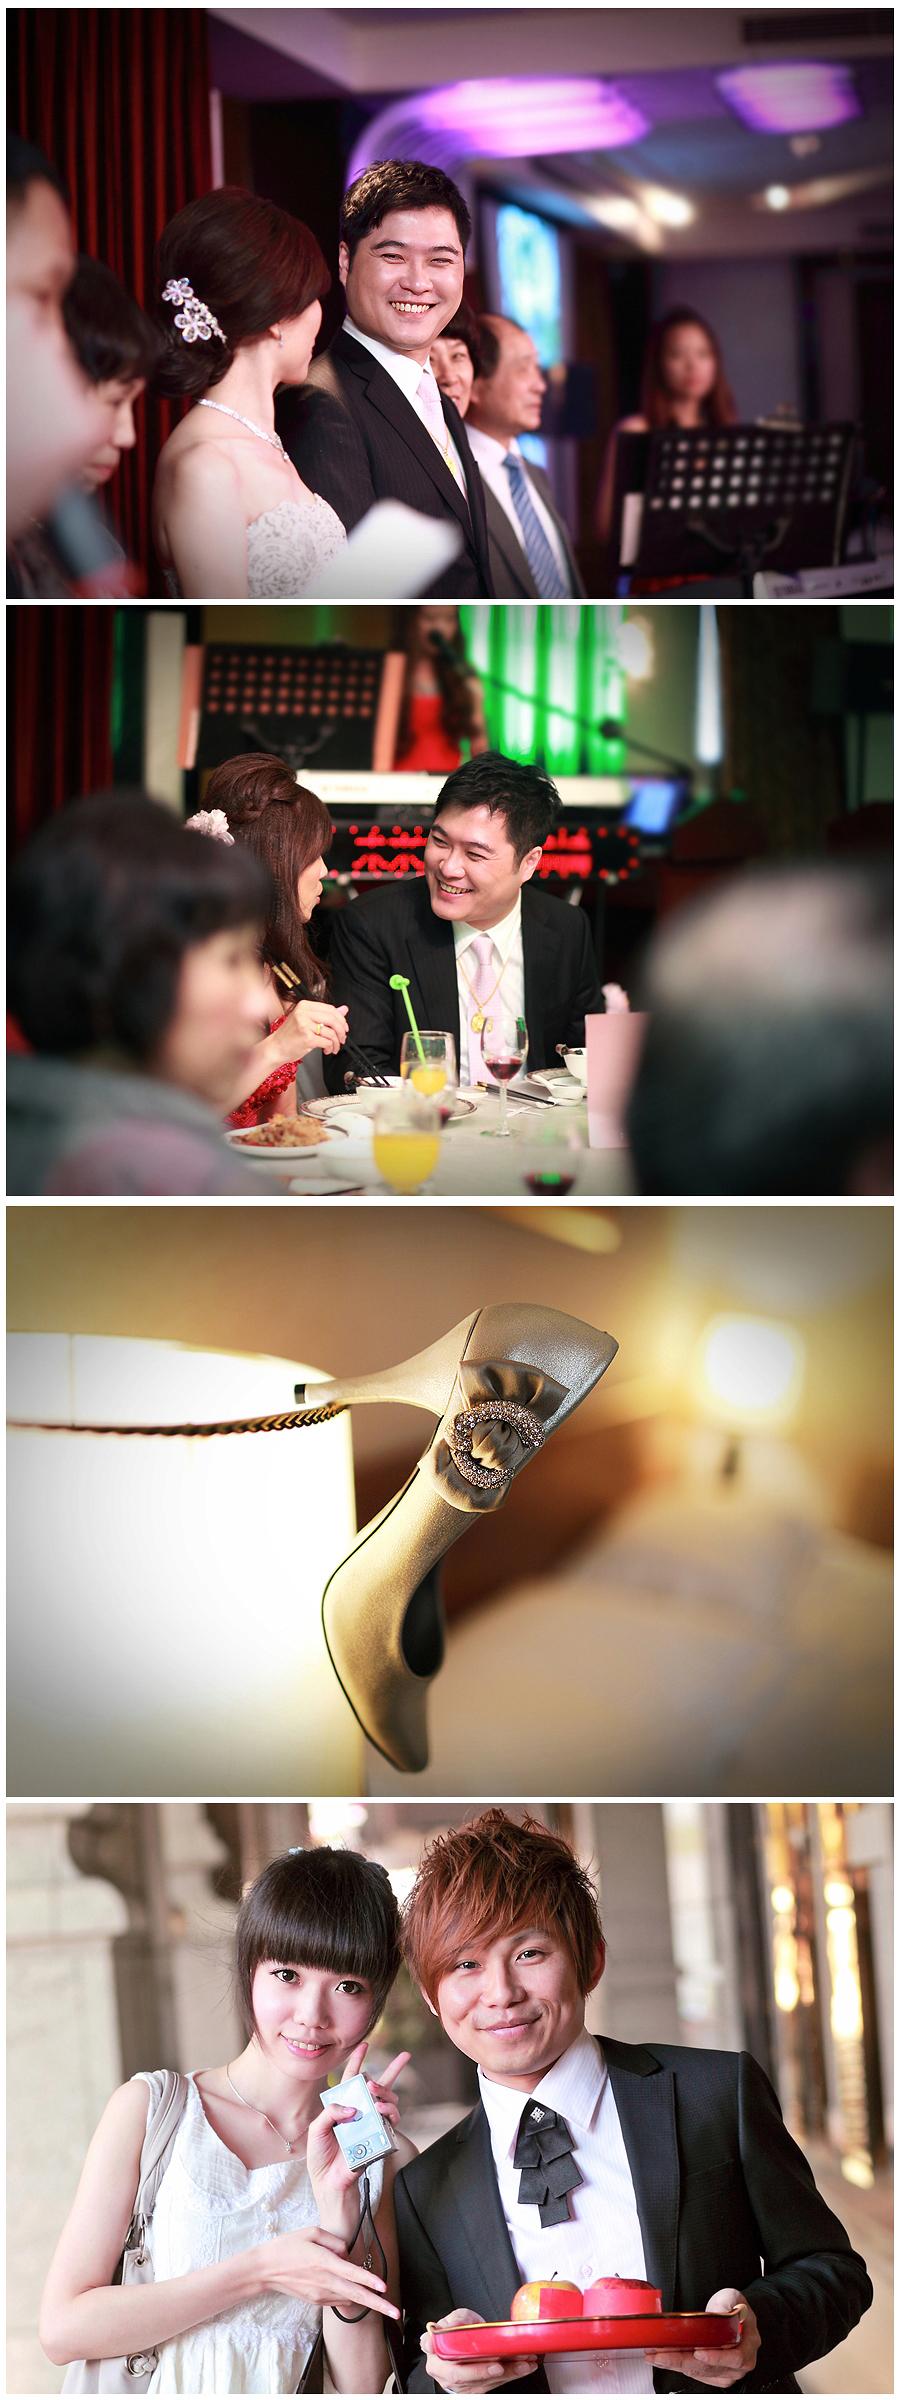 婚攝,婚禮記錄,搖滾雙魚,桃園福容大飯店